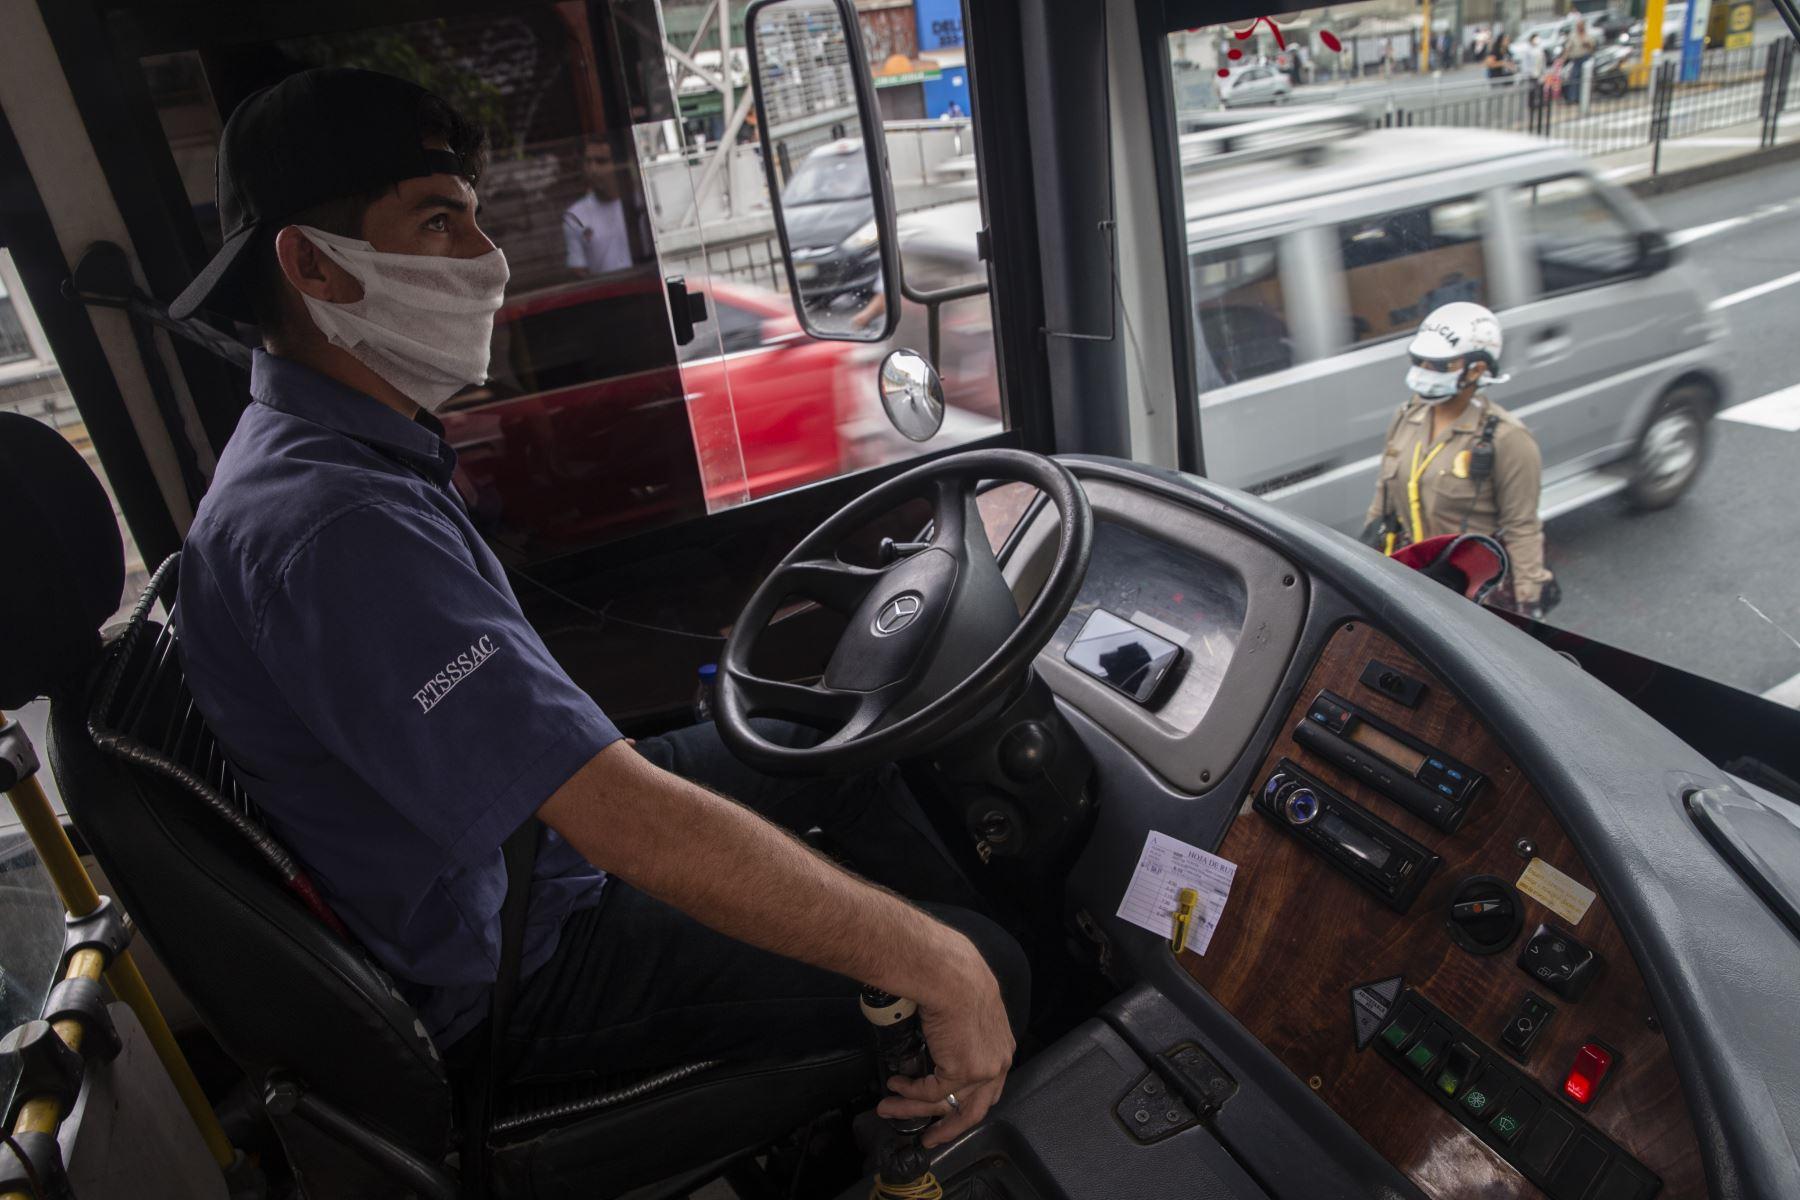 La Policía de Tránsito controla que los buses de transporte público no circulen repletos de pasajeros. También inspeccciona a los vehículos particulares. Foto: ANDINA/Jhonel Rodríguez Robles